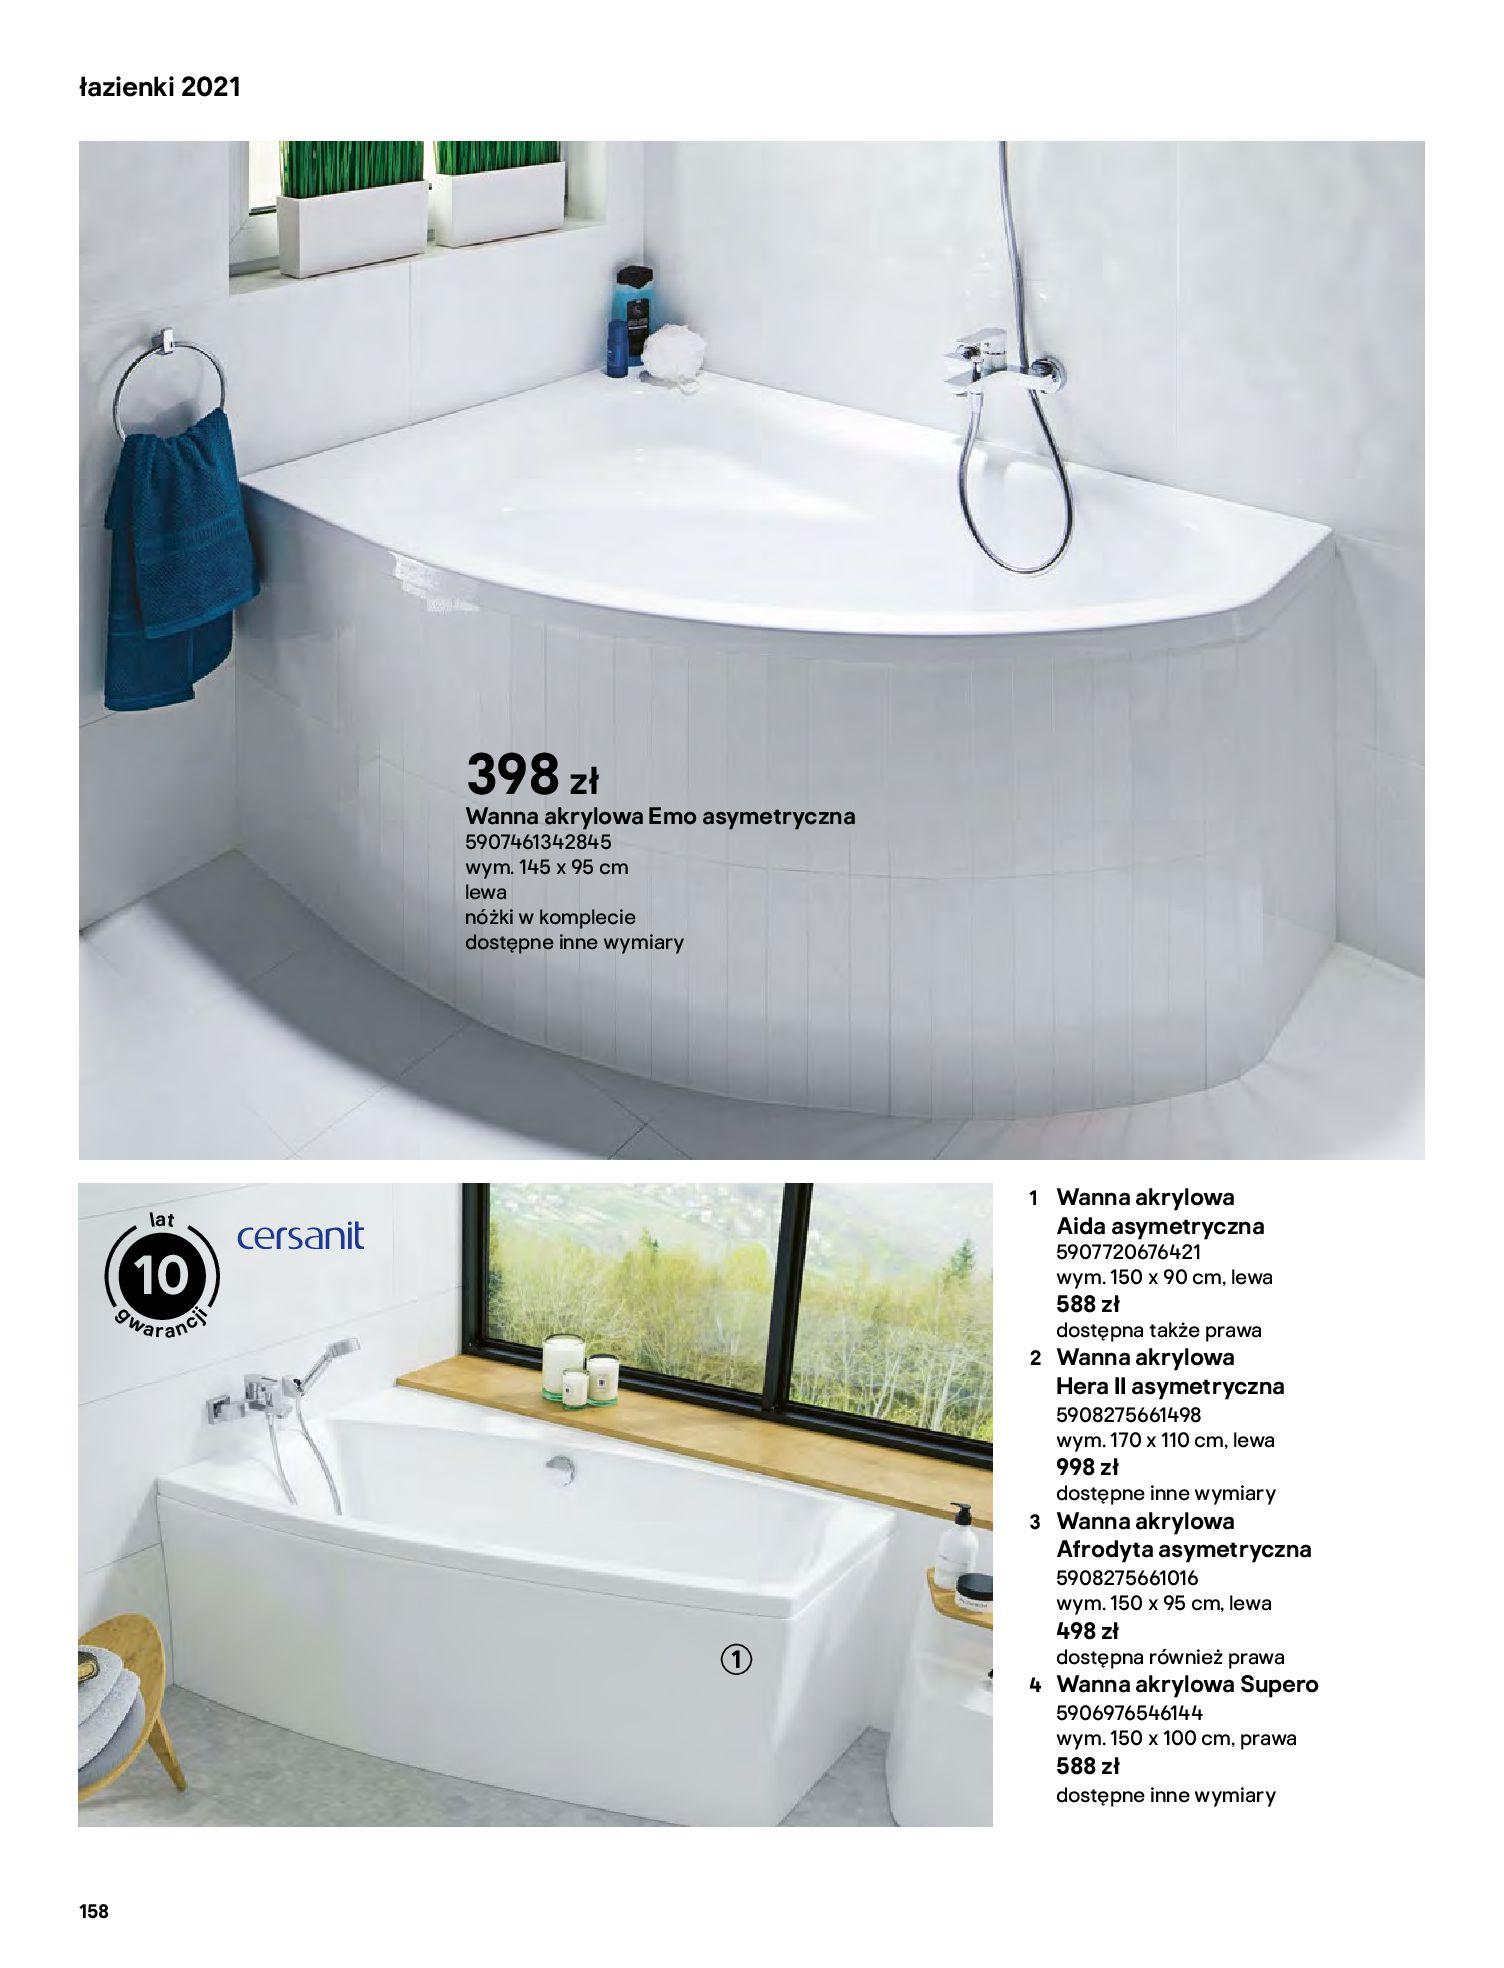 Gazetka Castorama: Gazetka Castorama - katalog łazienki 2021 2021-06-16 page-158